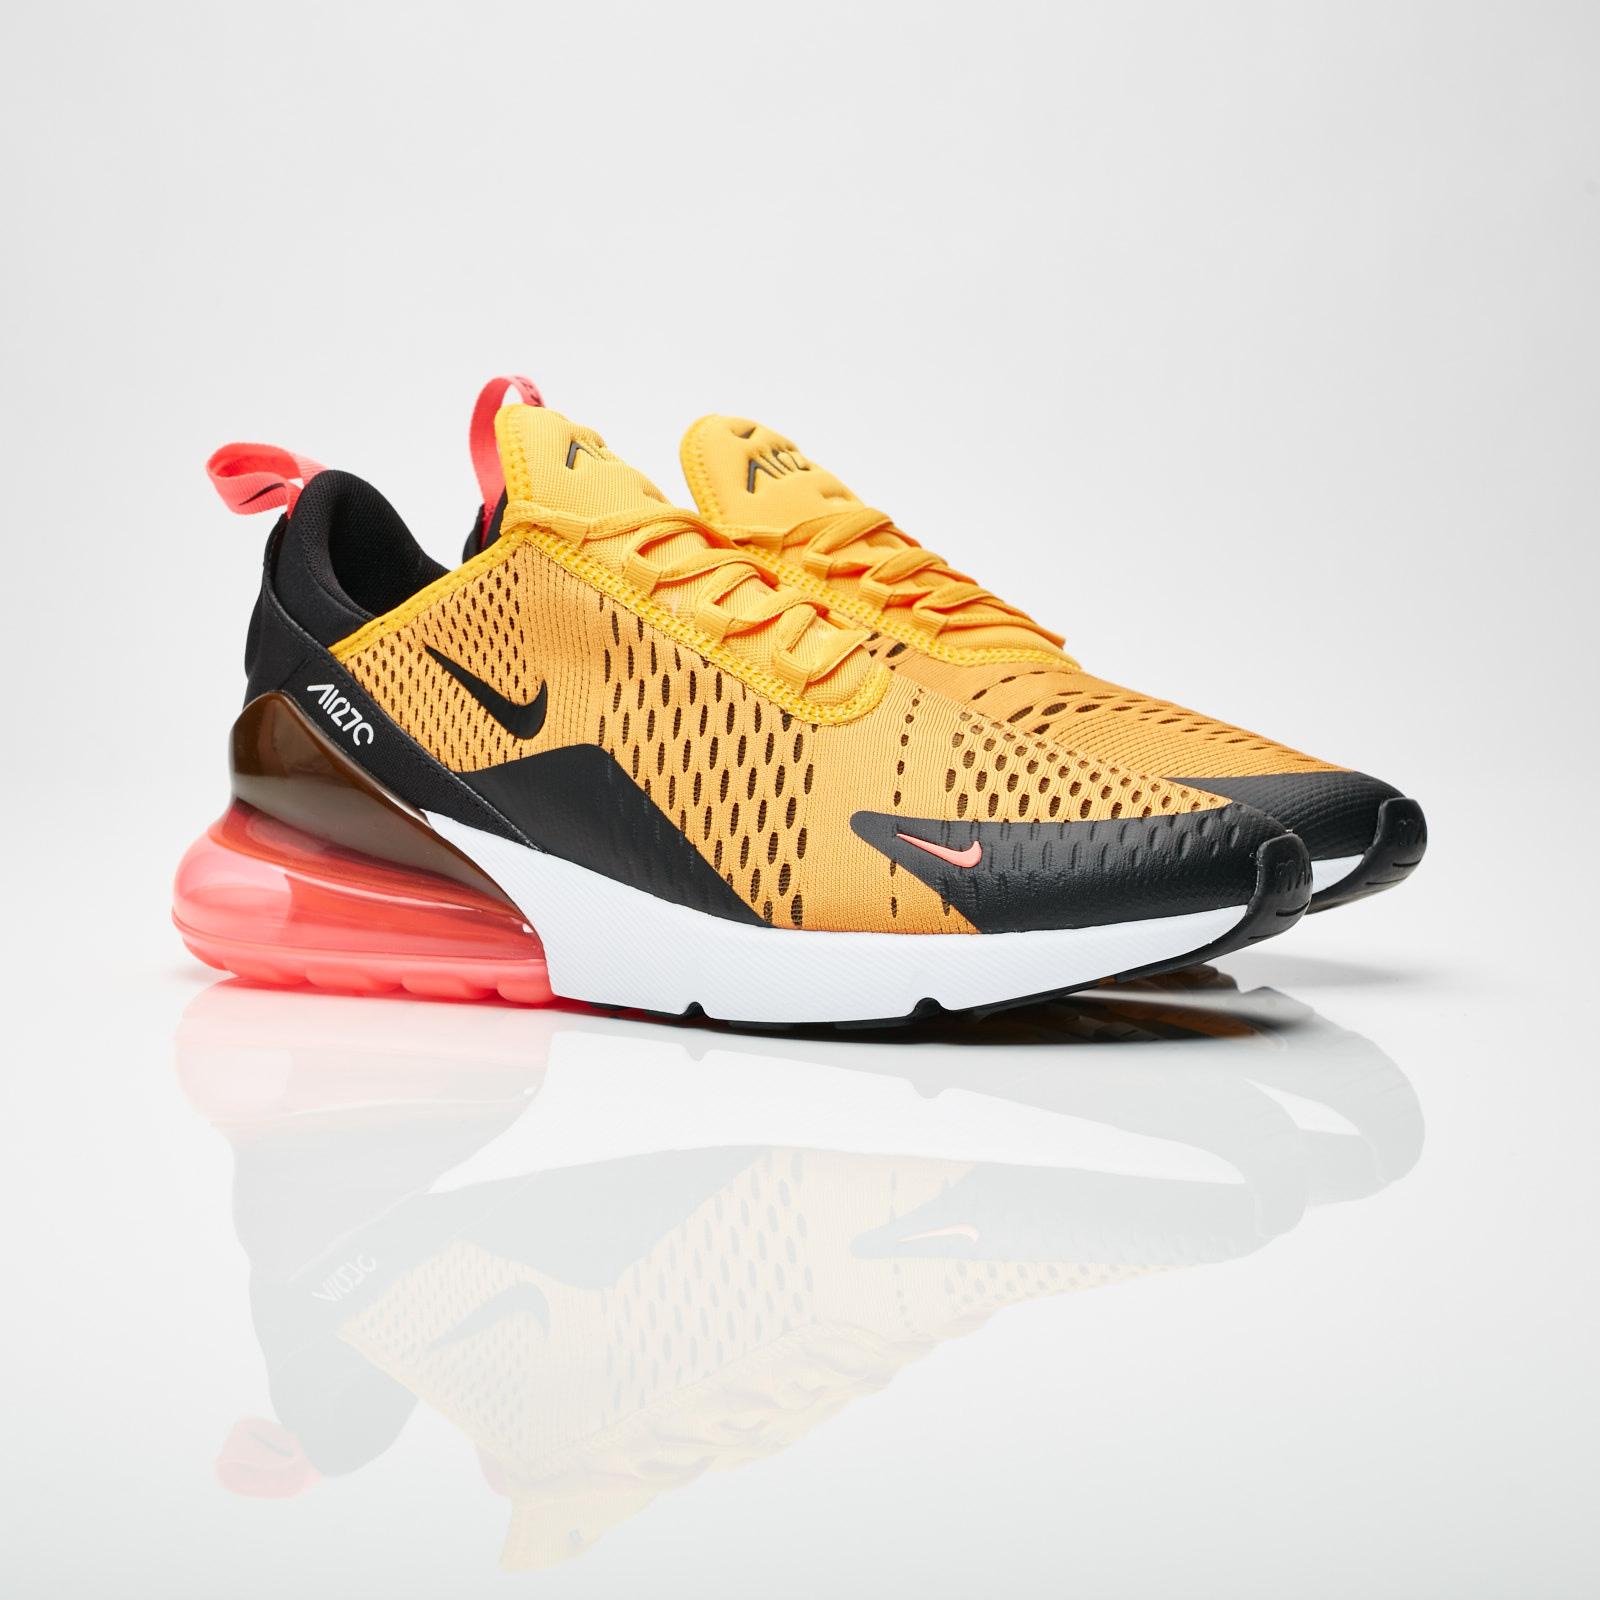 Nike Air Max 270 - Ah8050-004 - Sneakersnstuff  b361b8c2b